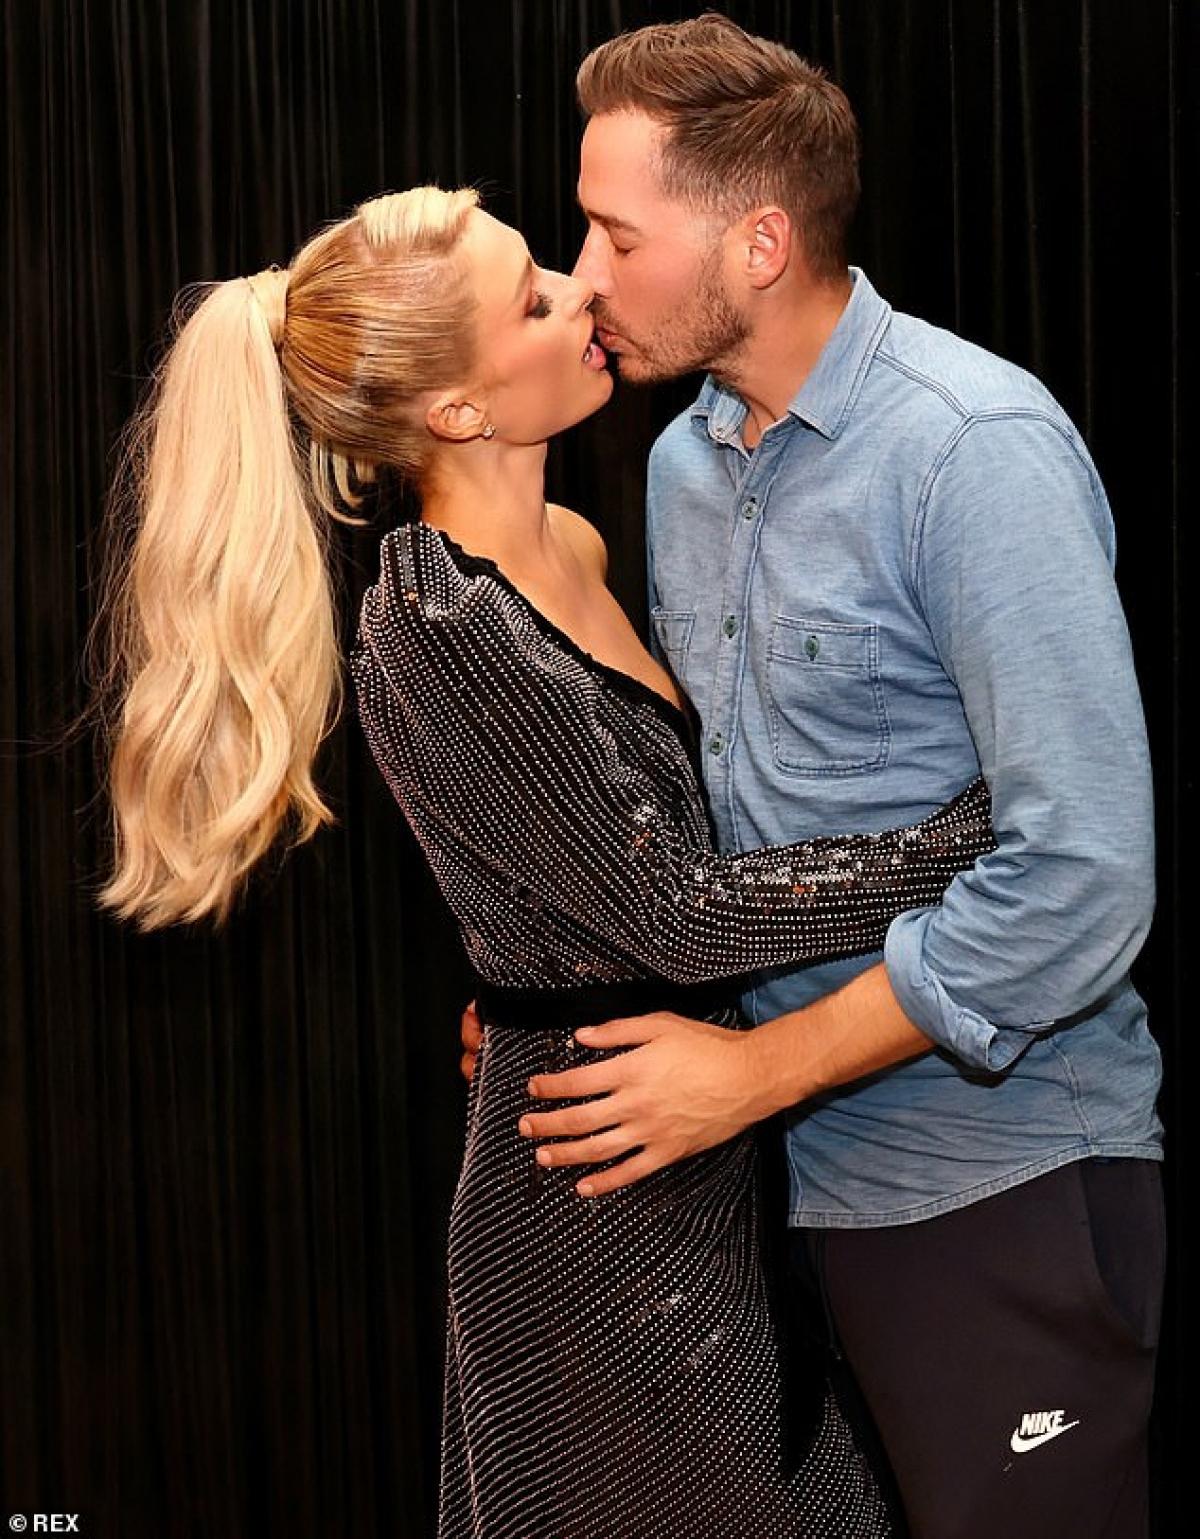 """Paris Hilton và bạn trai Carter Reum ngọt ngào """"khóa môi"""" trong bộ ảnh thời trang mới."""